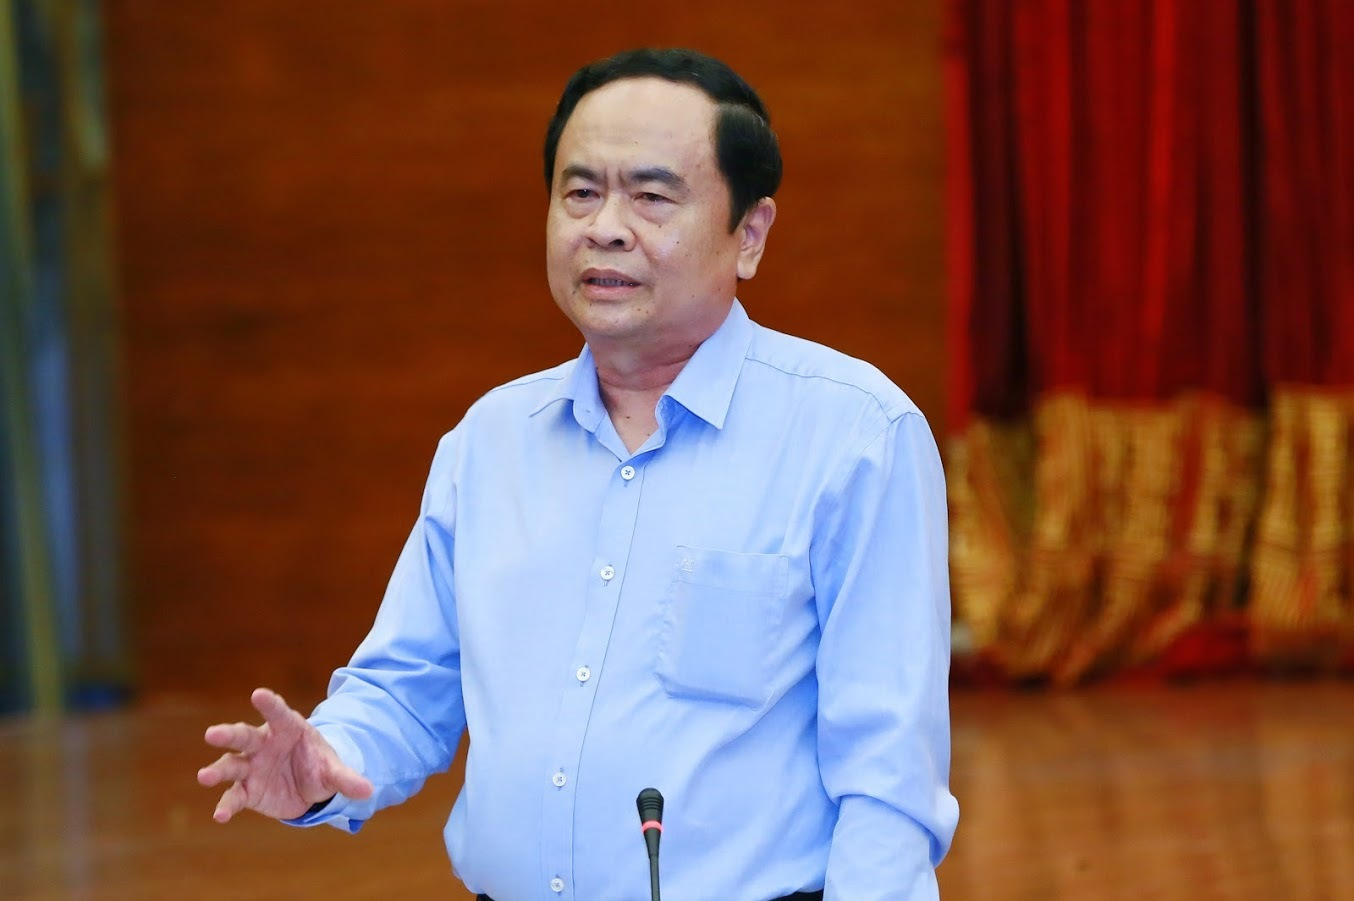 lợi ích nhóm,Trần Thanh Mẫn,Trương Thị mai